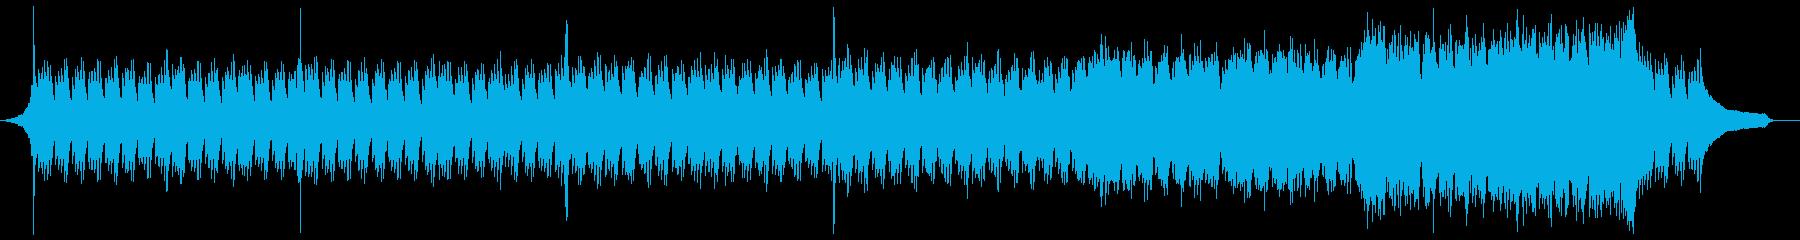 企業VP映像、111オーケストラ、爽快bの再生済みの波形